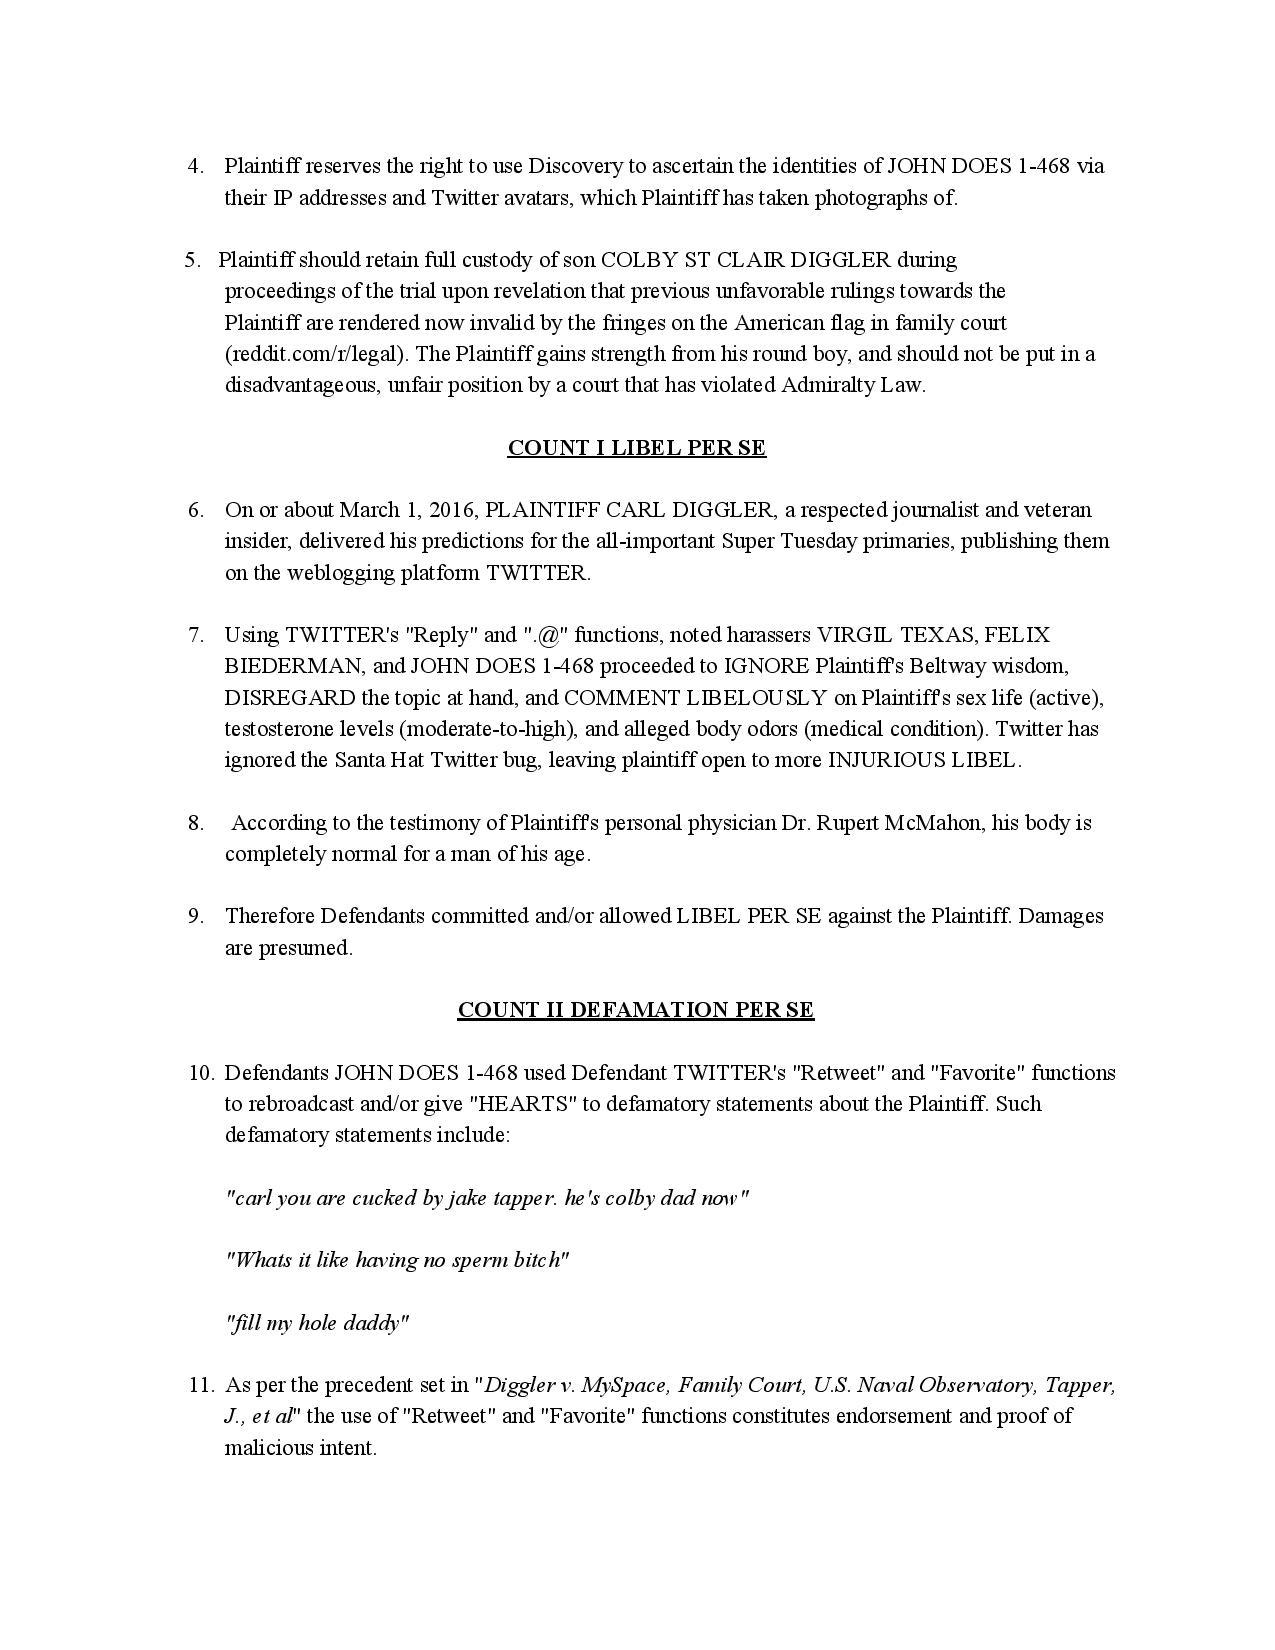 CARLDIGGLERLAWSUITAGAINSTTWITTER-page-002